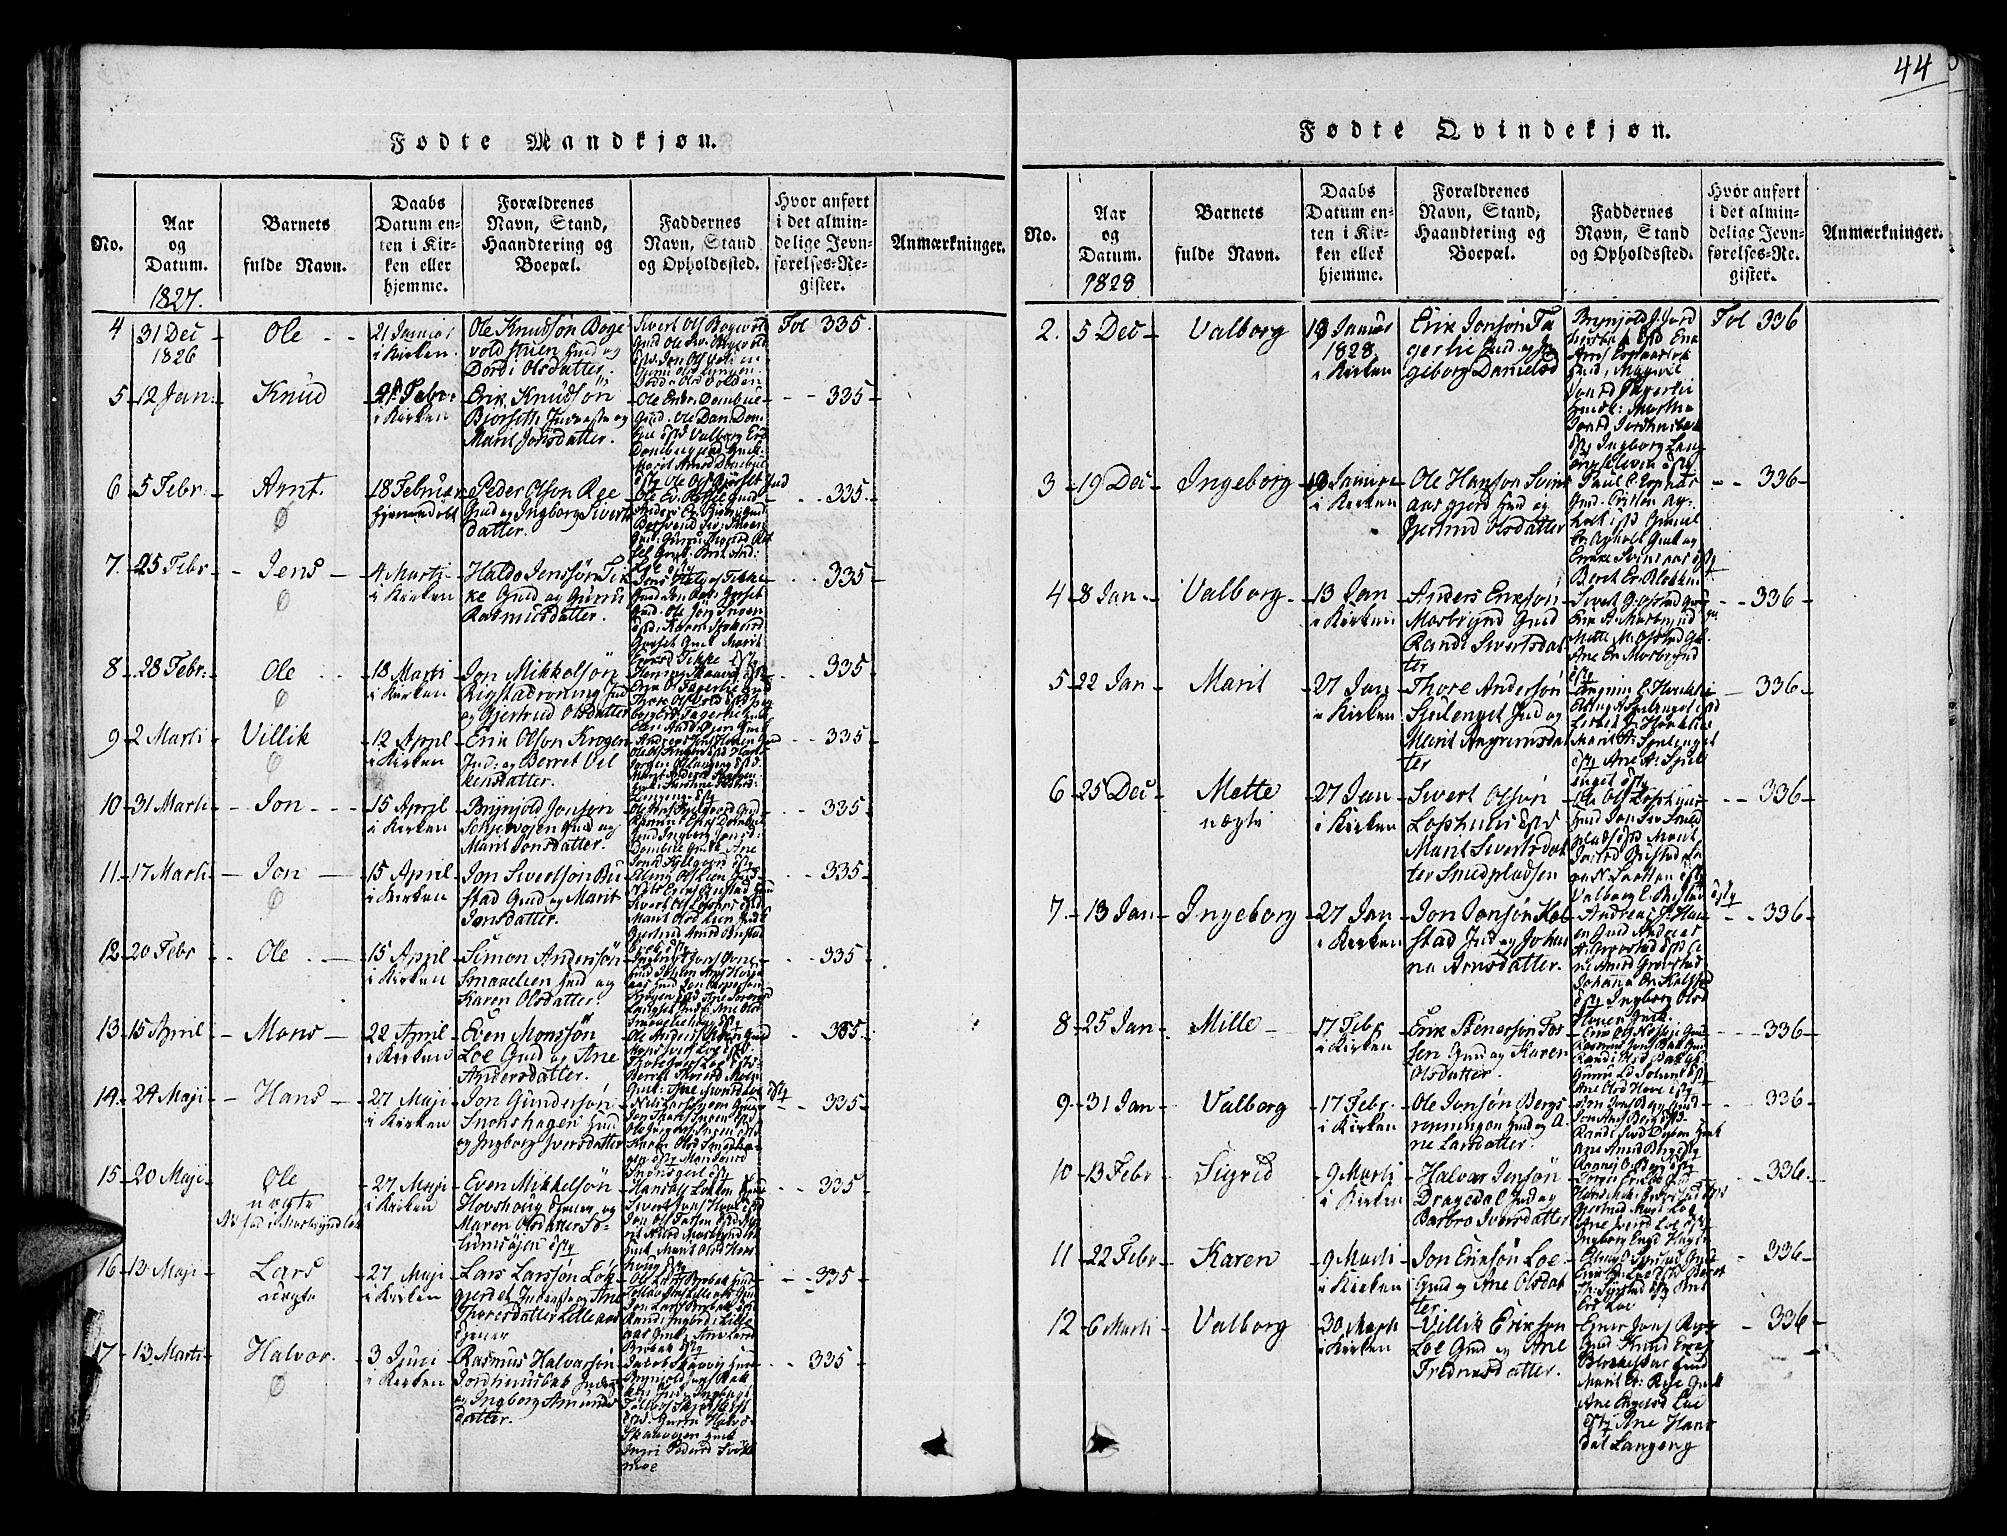 SAT, Ministerialprotokoller, klokkerbøker og fødselsregistre - Sør-Trøndelag, 672/L0853: Ministerialbok nr. 672A06 /1, 1816-1829, s. 44